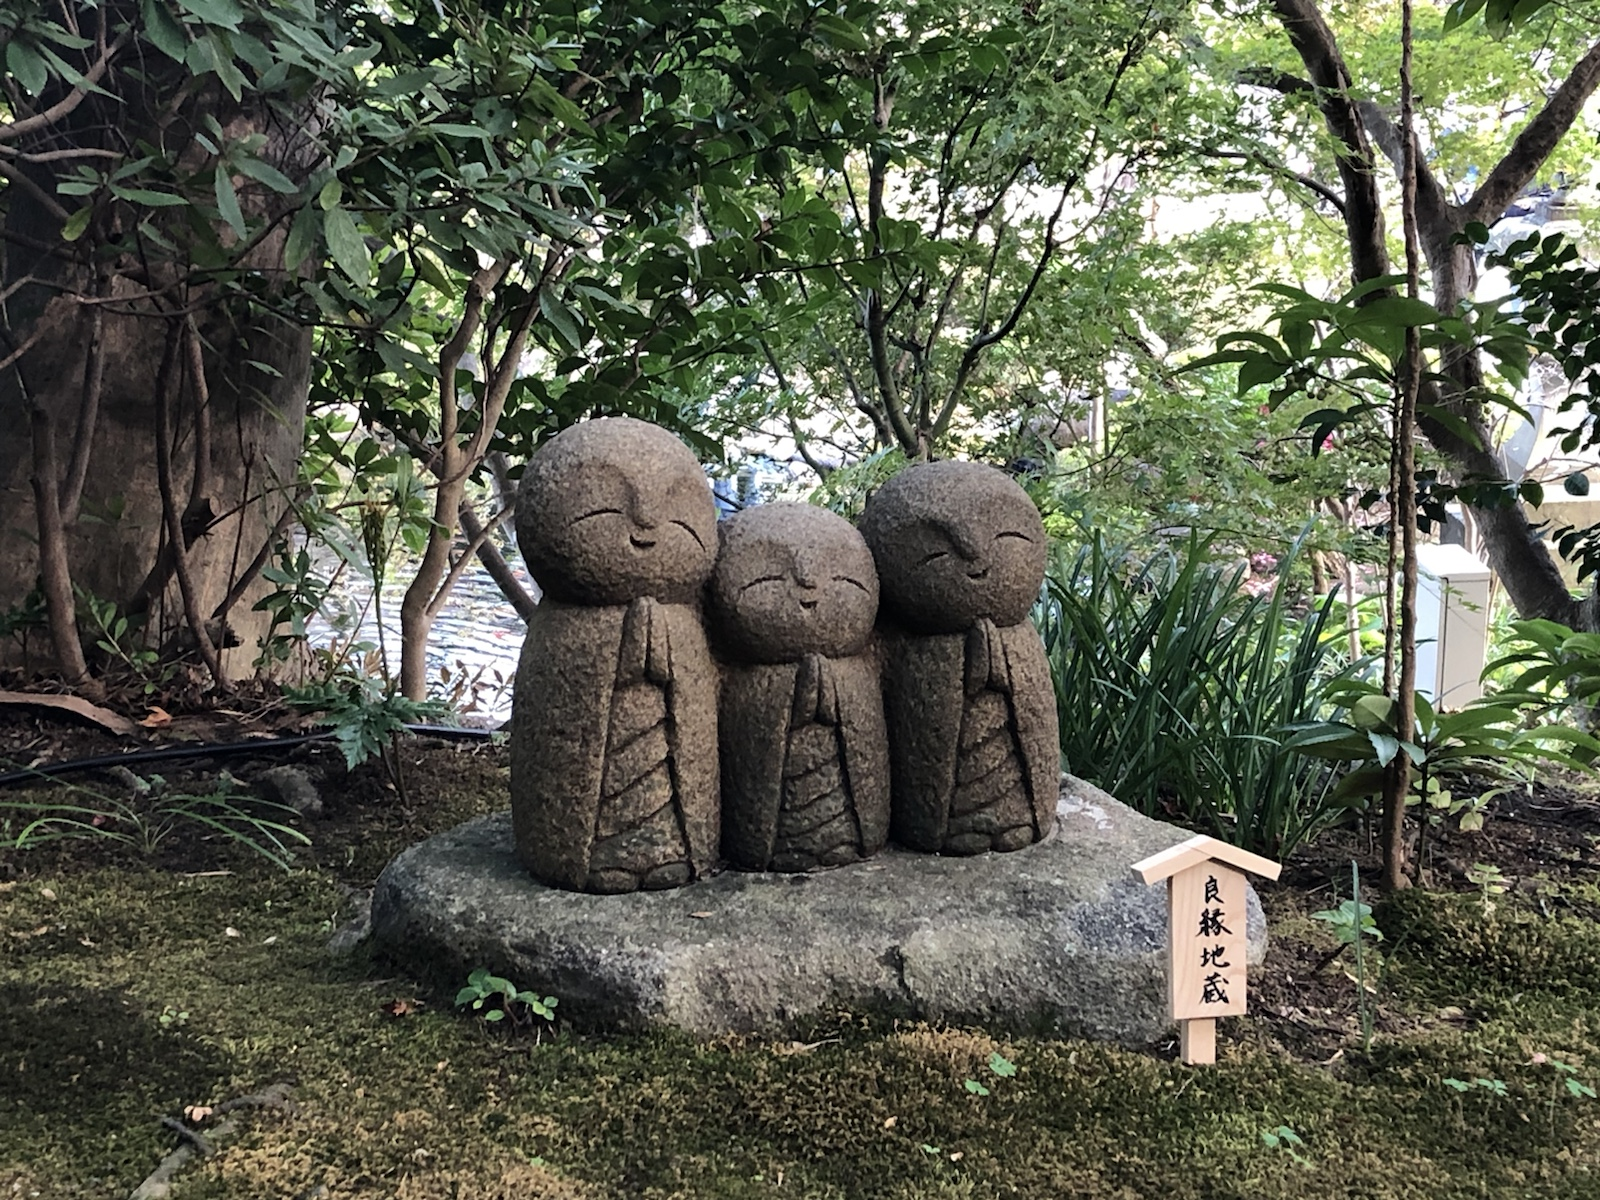 鎌倉七福神巡り「長谷寺」 由比ヶ浜を一望できる鎌倉有数の古刹